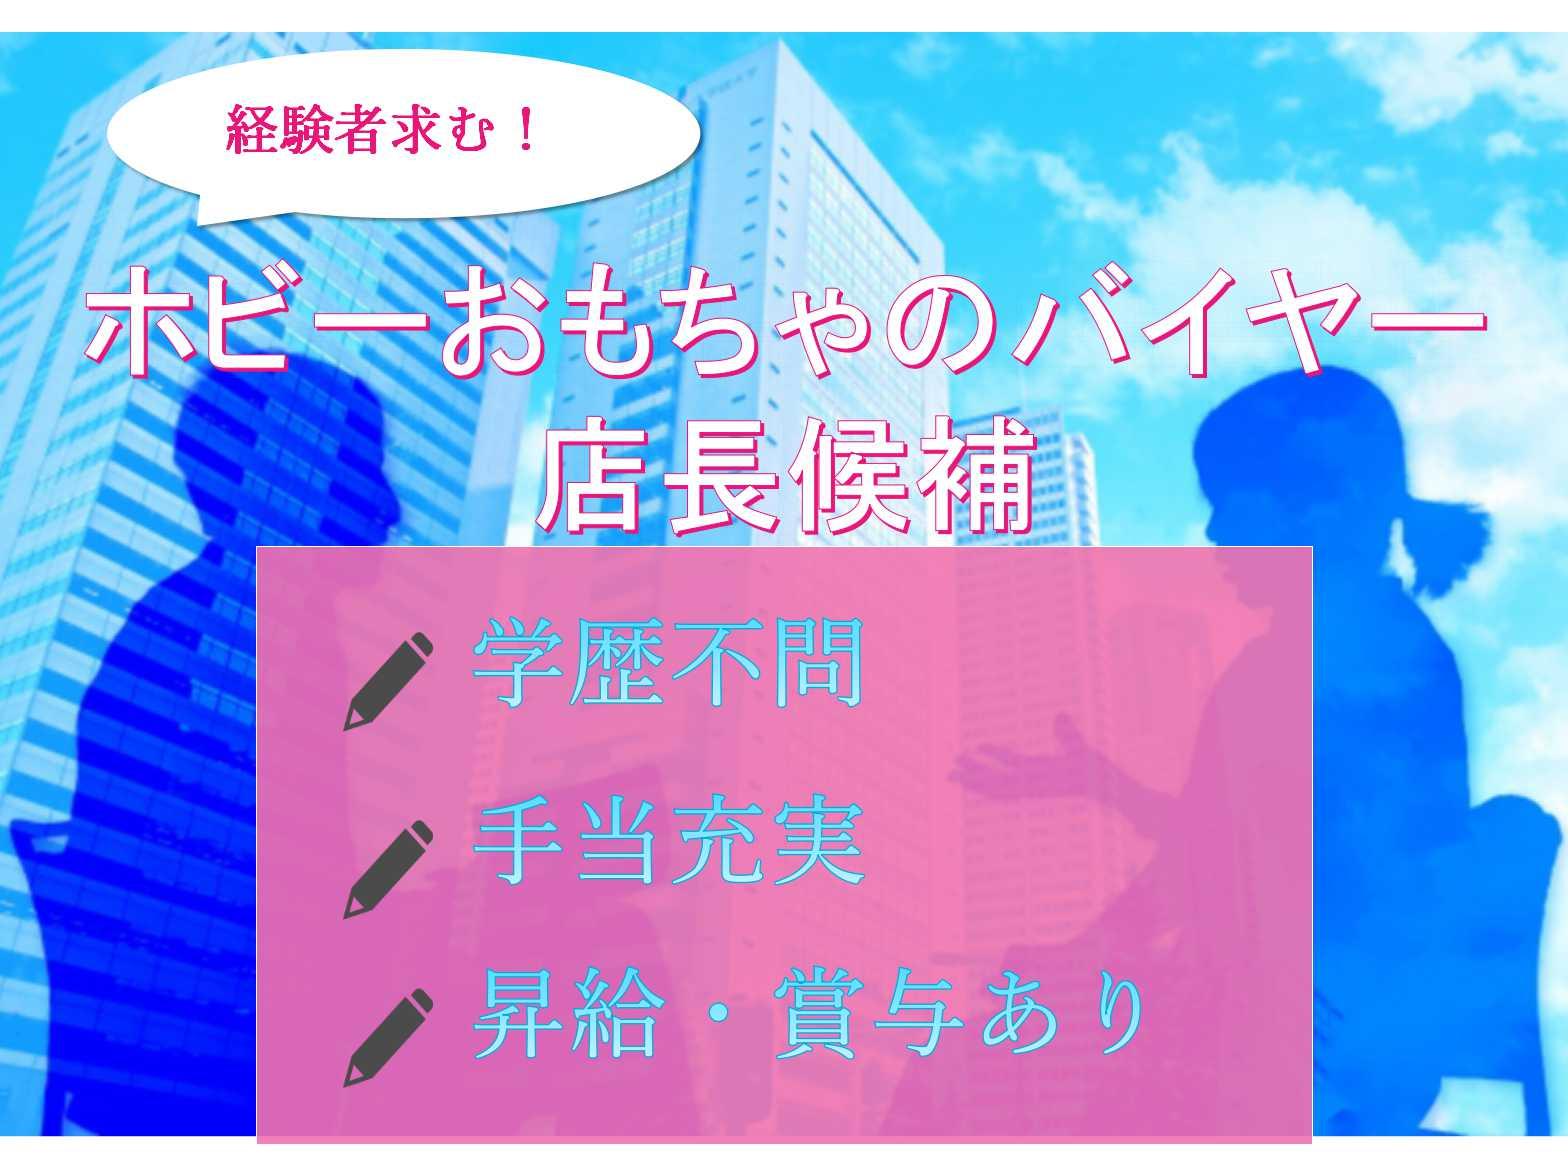 【愛知県】❖経験者求む❖手当充実❖ホビーおもちゃのバイヤー/店長候補❖正社員募集中❖ イメージ